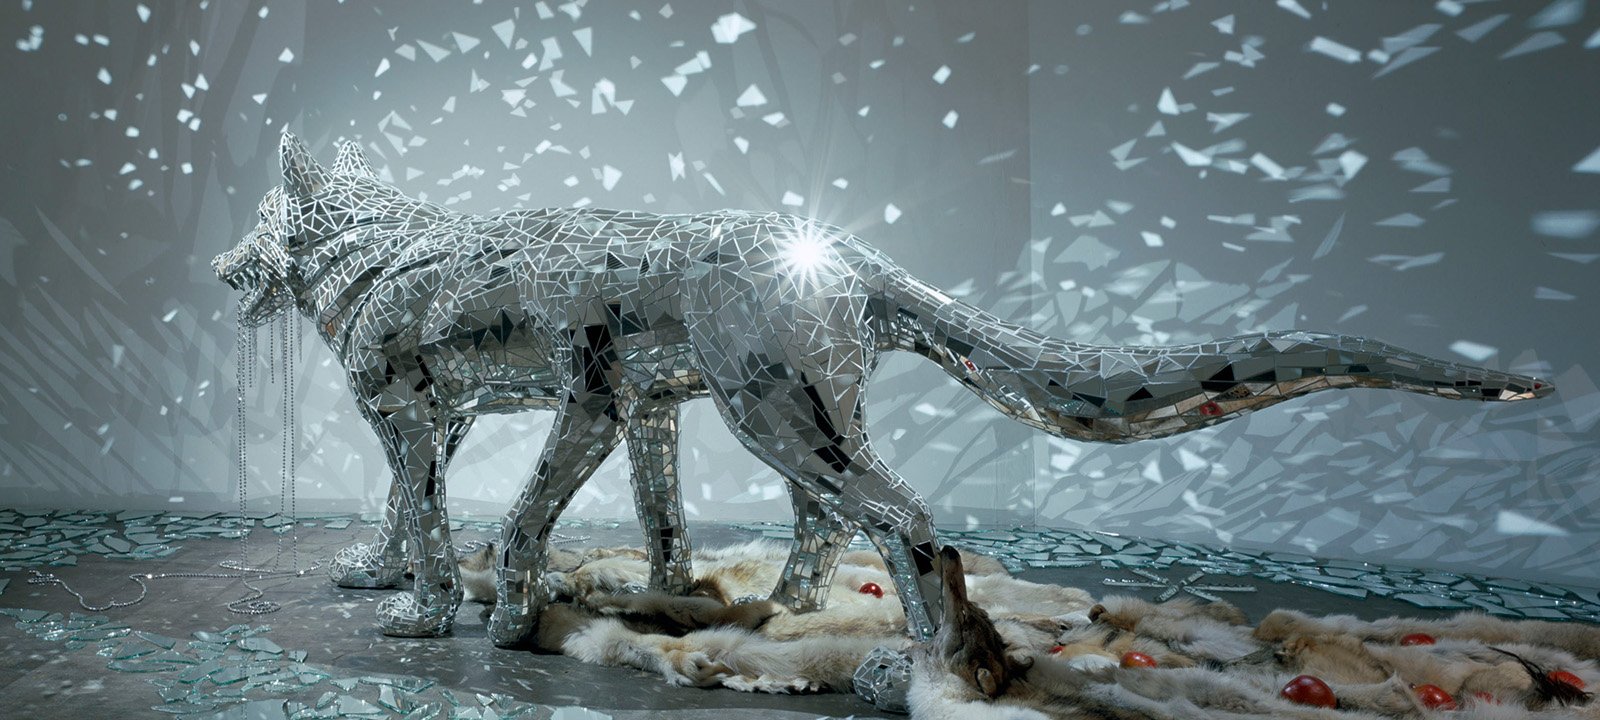 鴻池朋⼦《惑星はしばらく雪に覆われる》 (部分) 2006 ©KONOIKE Tomoko